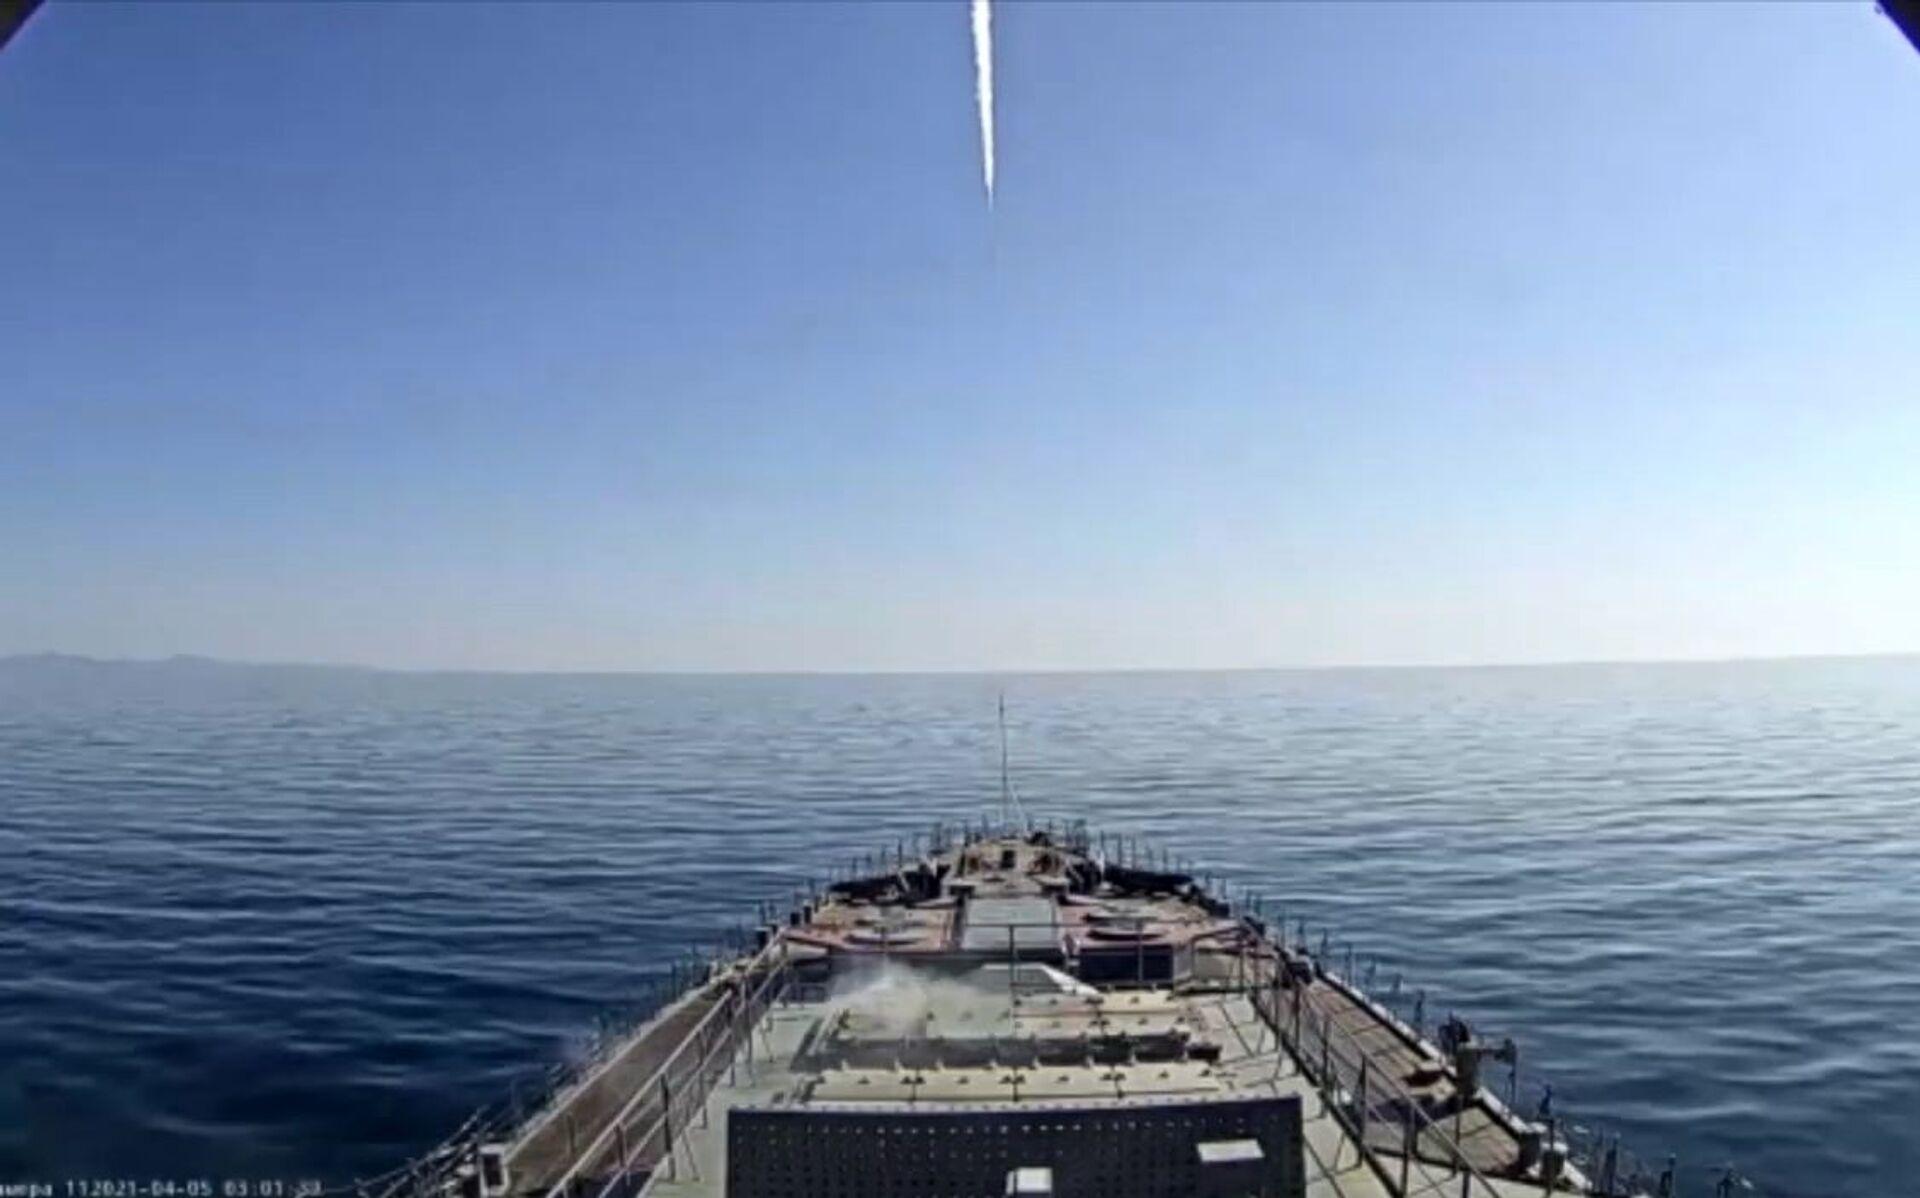 Лансирање крстареће ракете Калибар са фрегате Маршал Шапошников у Јапанском мору - Sputnik Србија, 1920, 13.07.2021